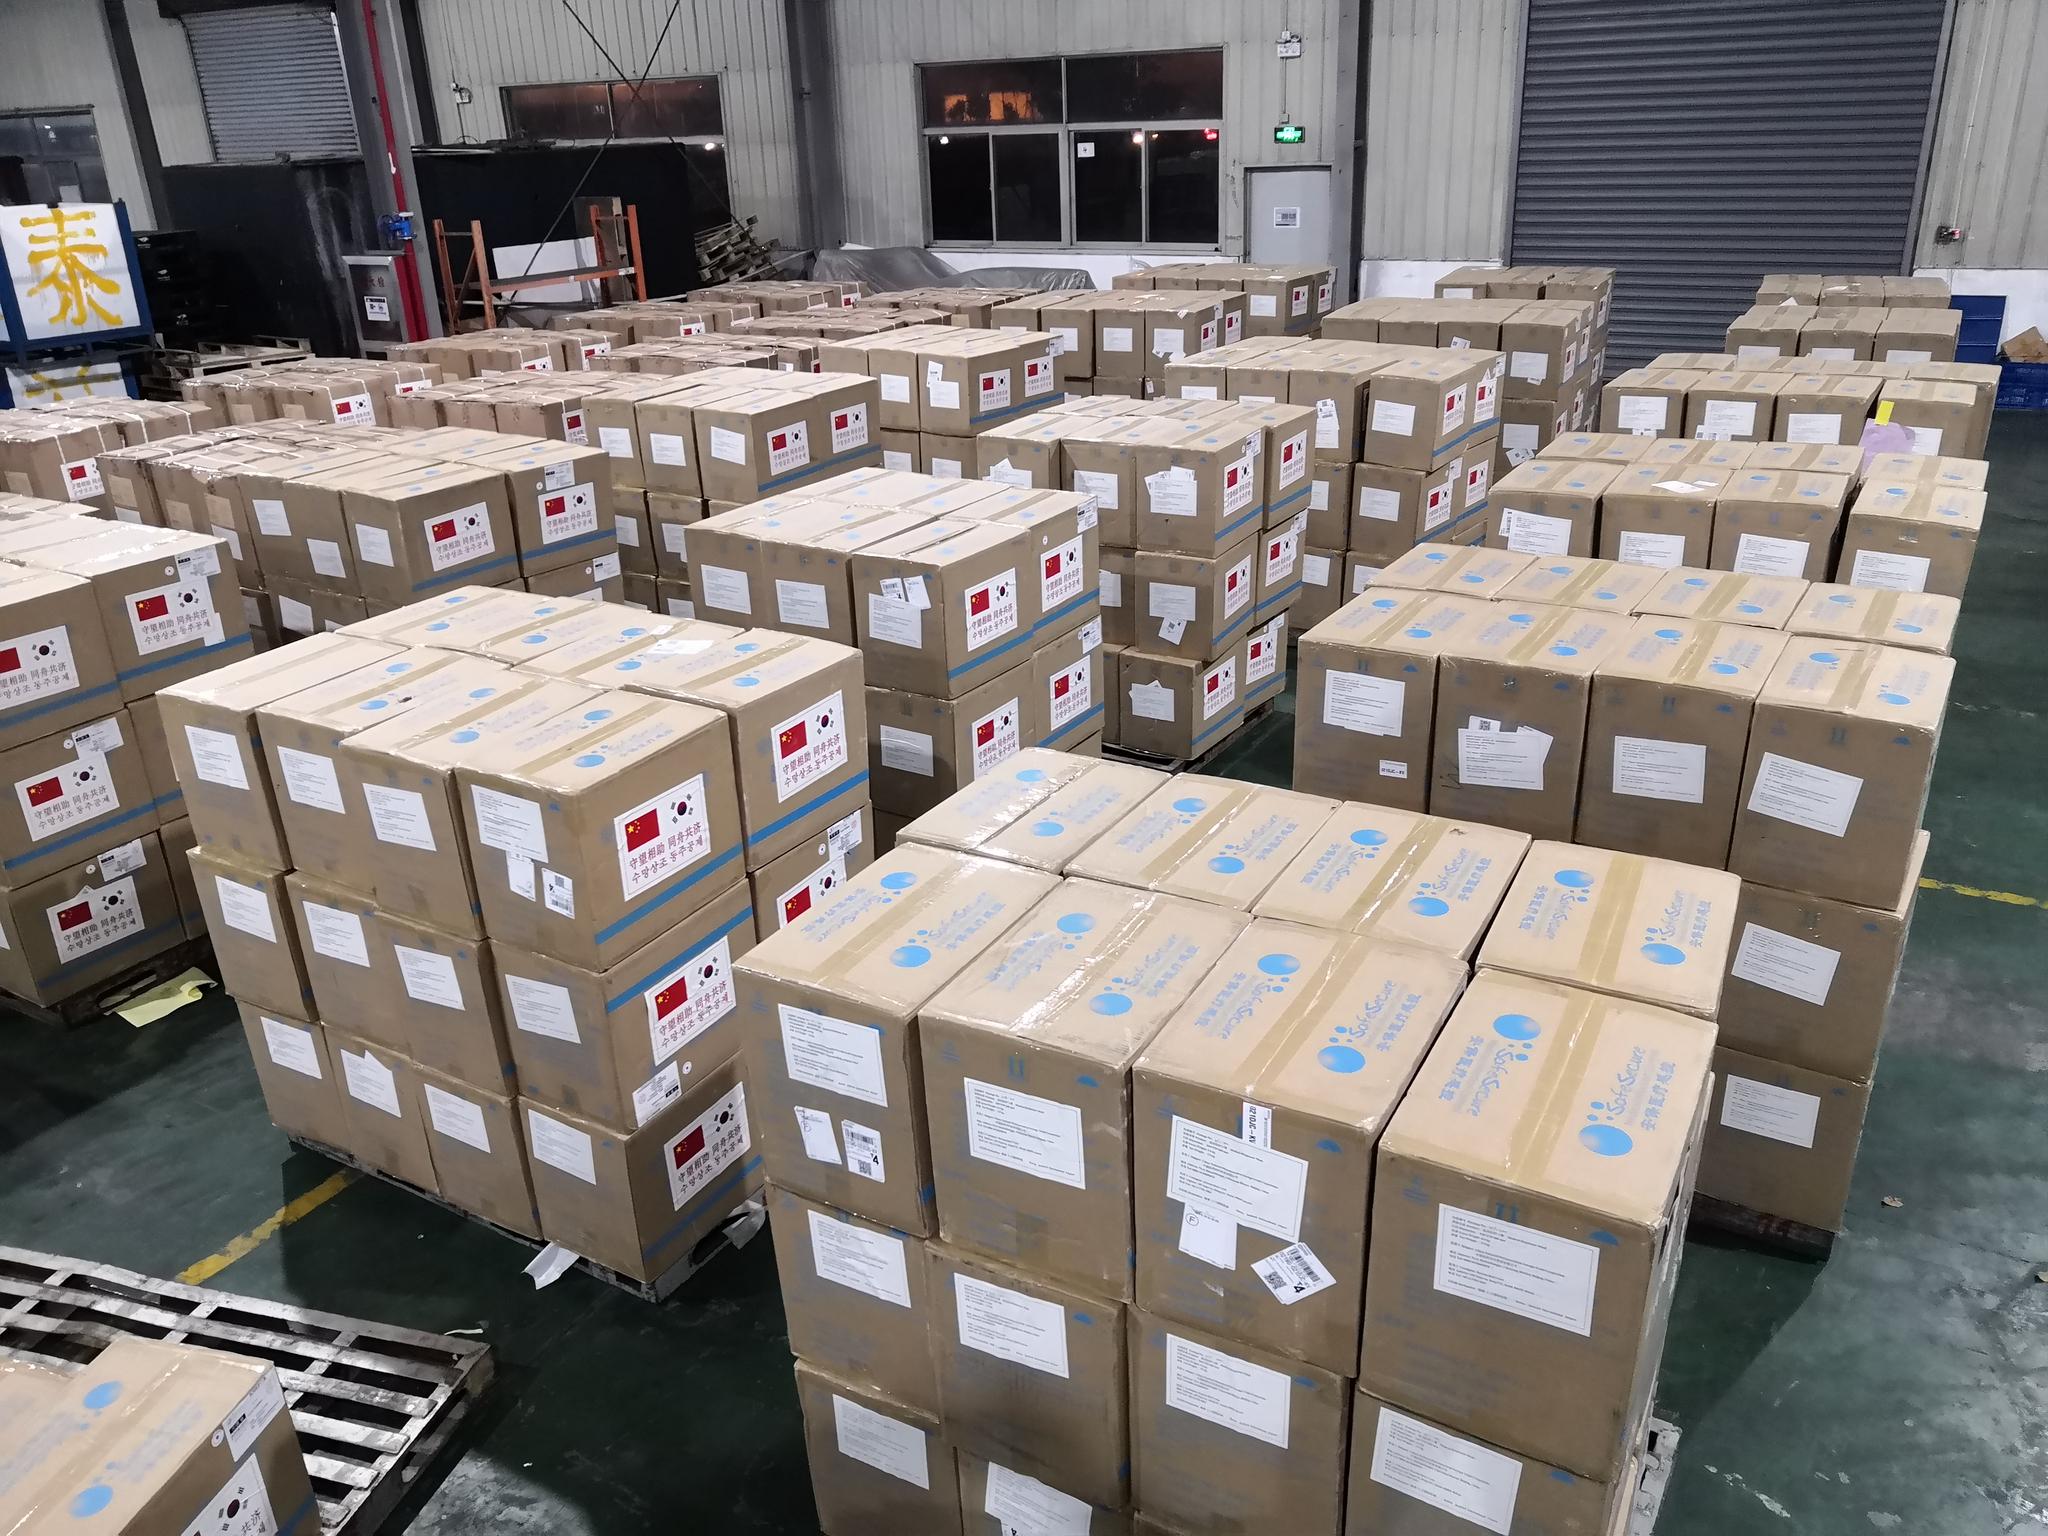 중국 정부가 한국의 코로나19 대응을 돕기 위해 지원하는 마스크 등 방역물자가 지난 10일 중국 상하이의 한 창고에 모여 있다. 사진 주한중국대사관